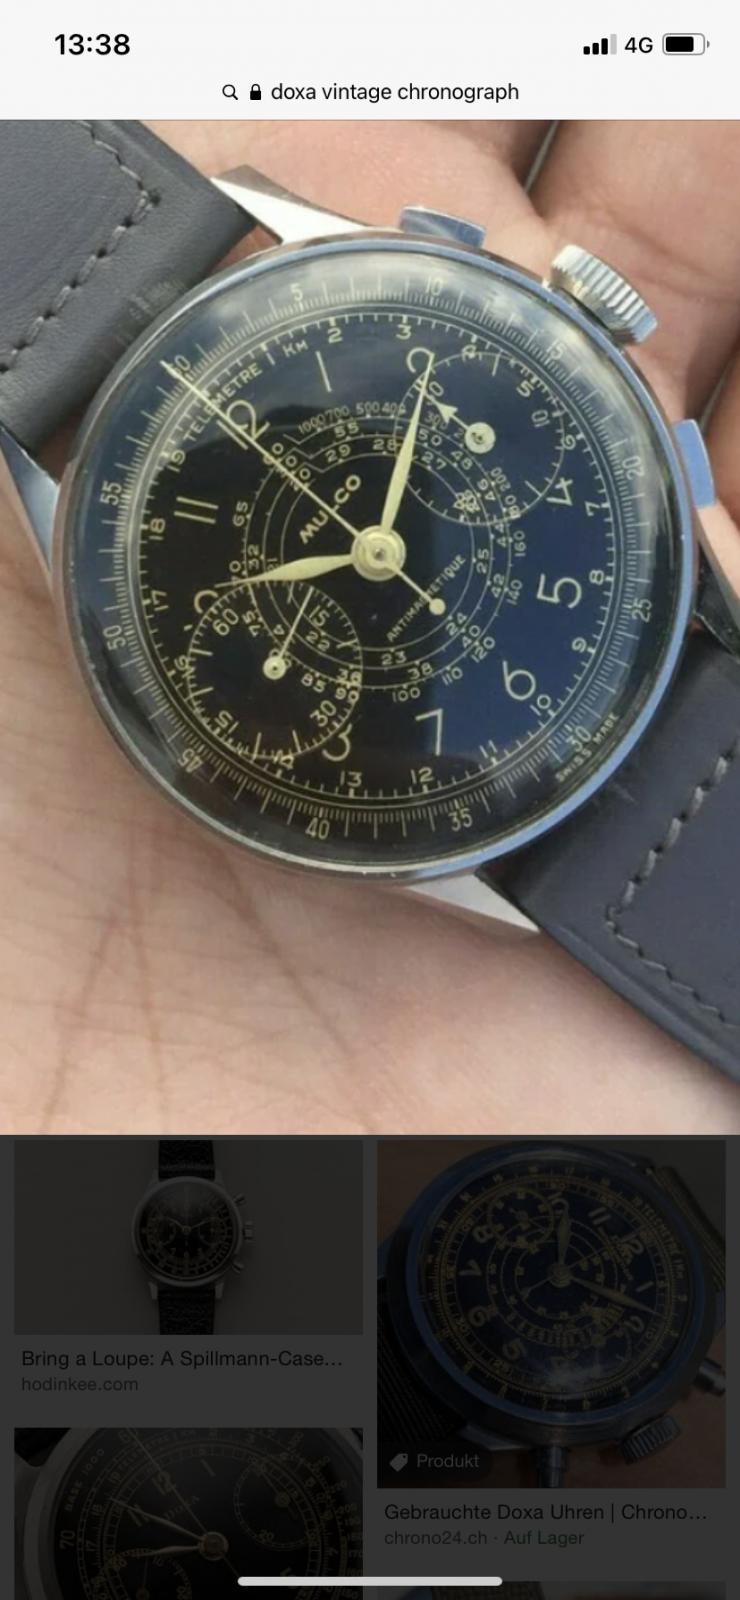 0666B48E-E4AF-47BC-8DDE-99999708F1E8.png